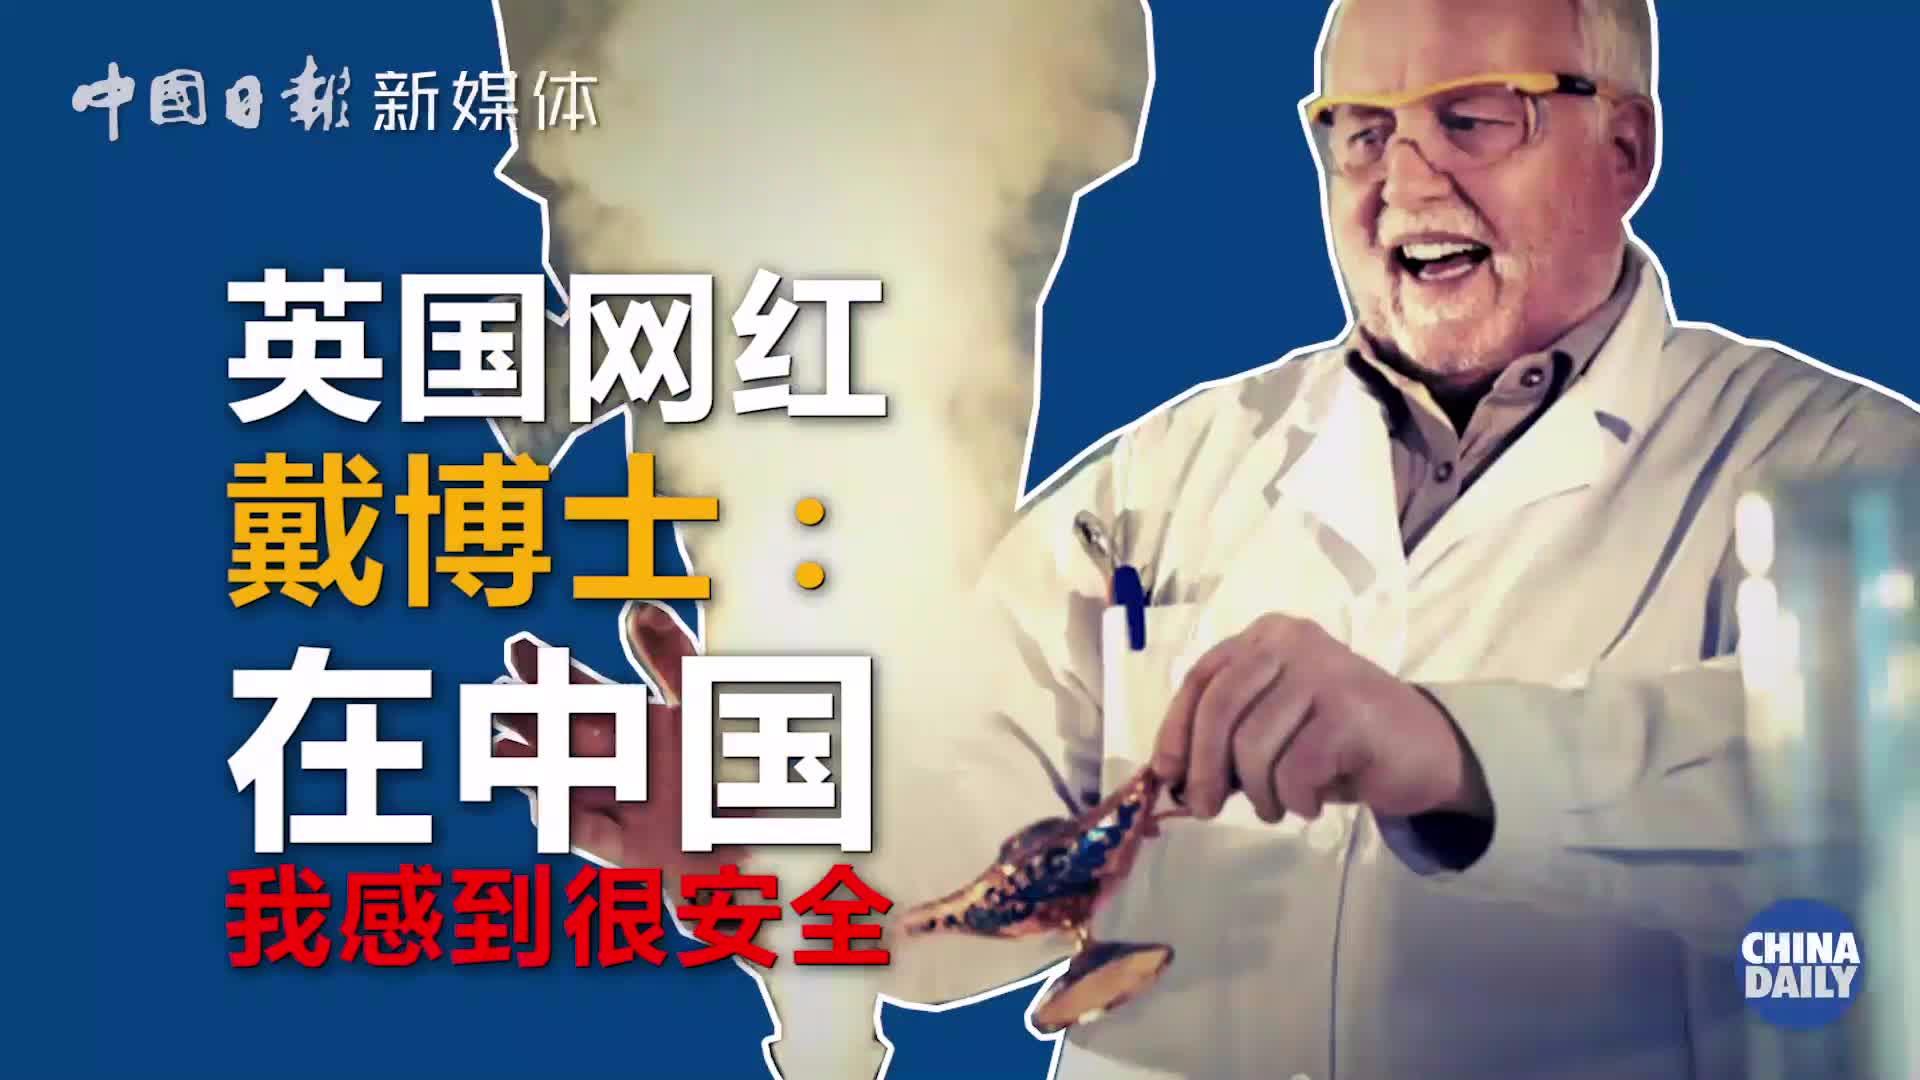 中国抗疫举措遭批评?英国牛津戴博士:有没有效,咱们看数据!